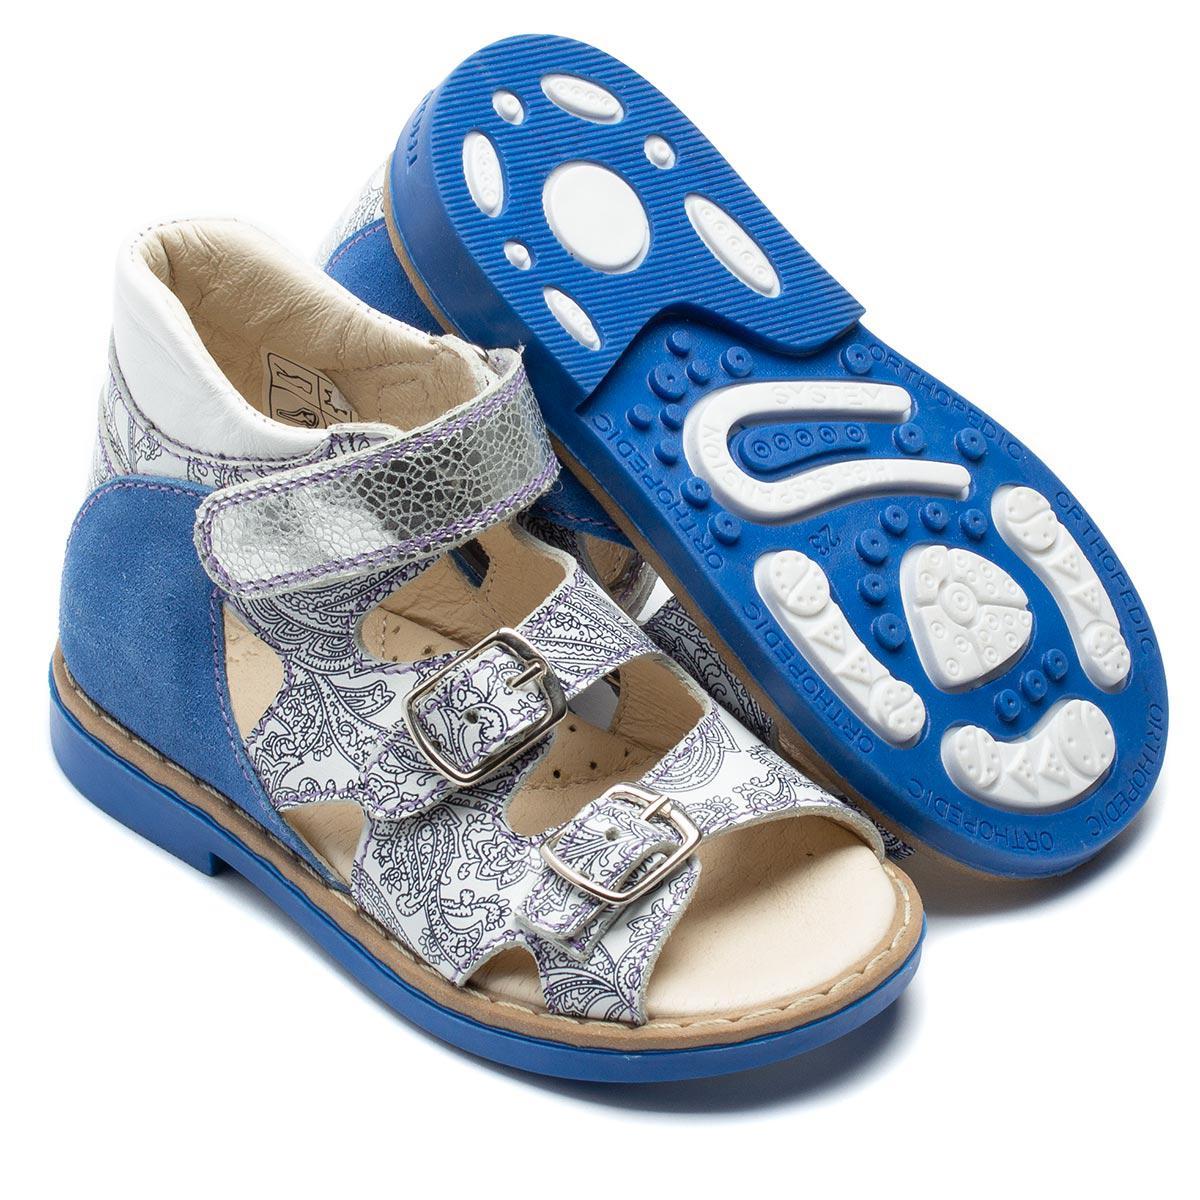 a914132f Ортопедические босоножки FS Сollection для девочки, розовые, размер 20-30 -  Детская обувь